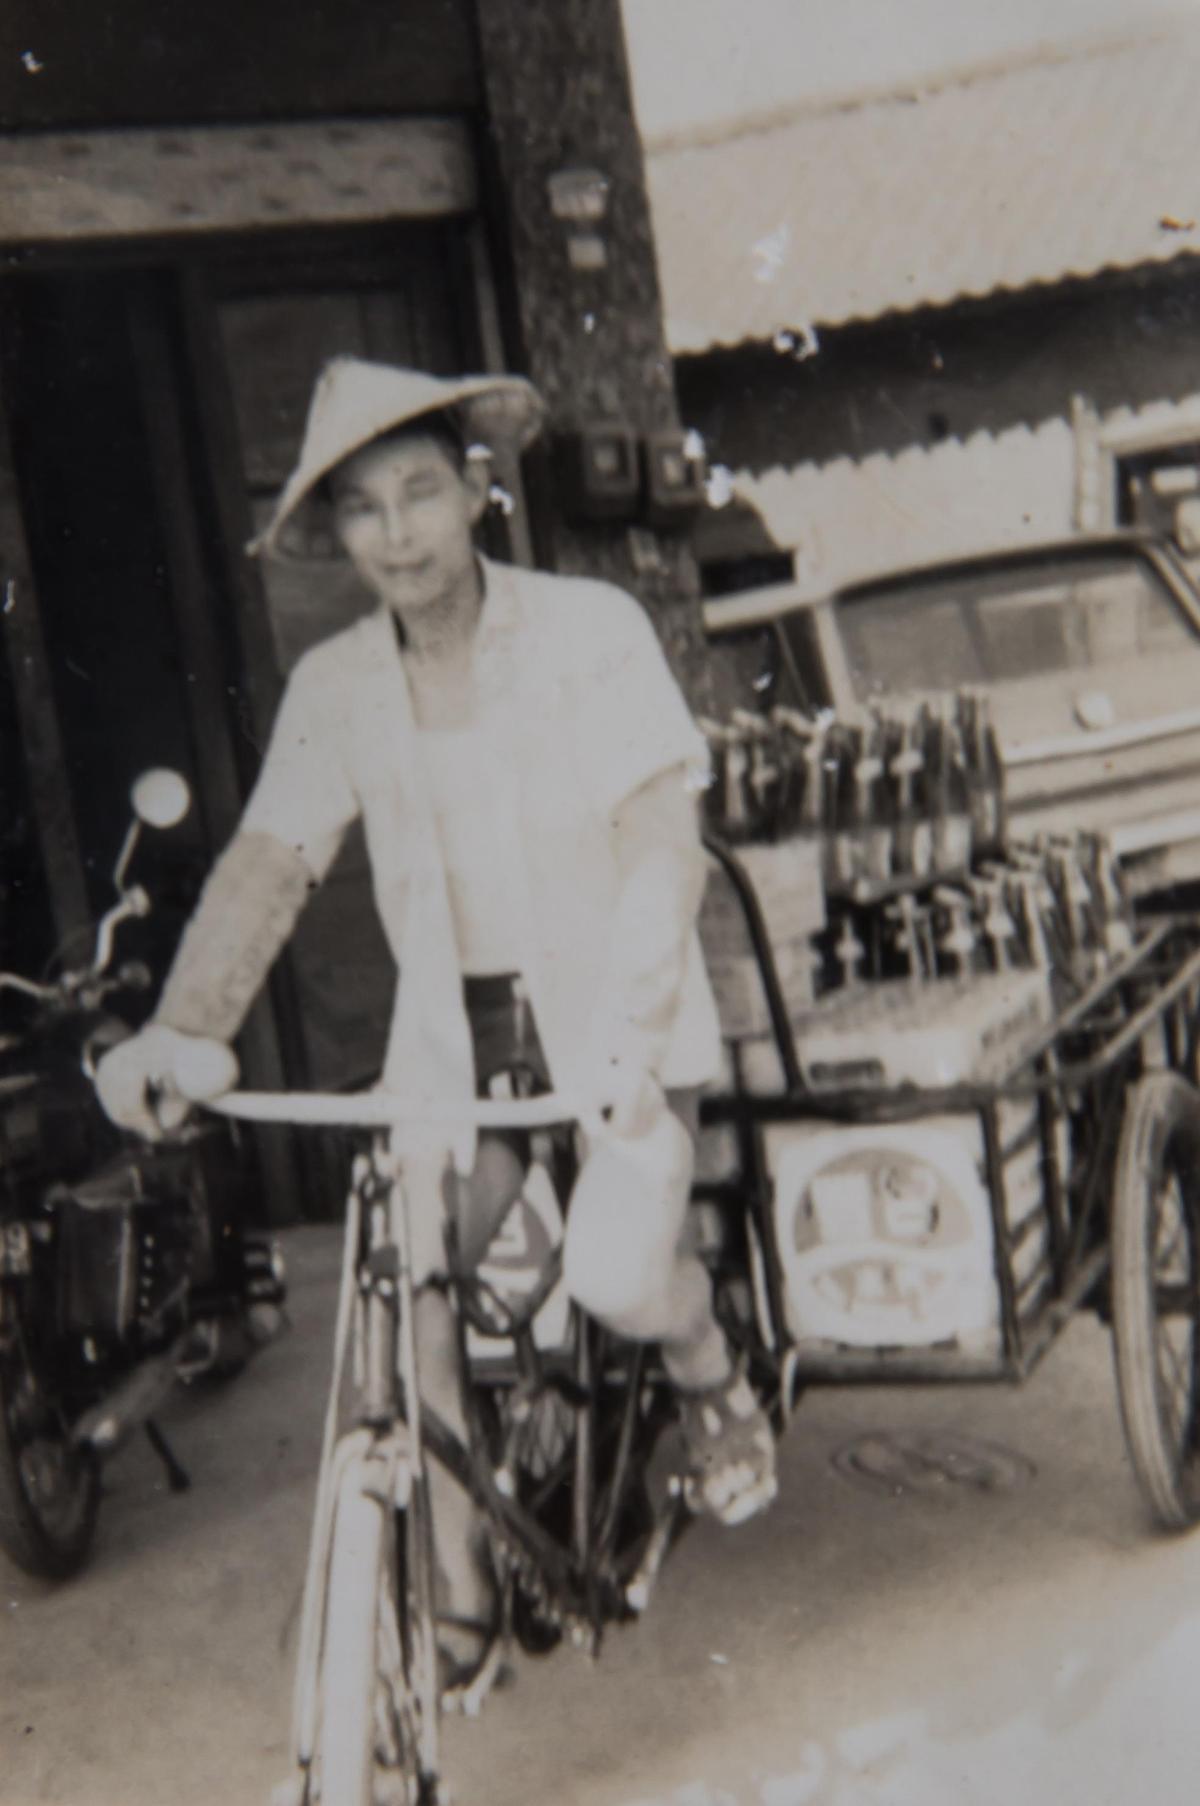 明豐珍的前身明豐行是統一汽水中區經銷商,蘇義源騎腳踏車將汽水送到雜貨店。(明豐珍兔仔寮牛舌餅提供)